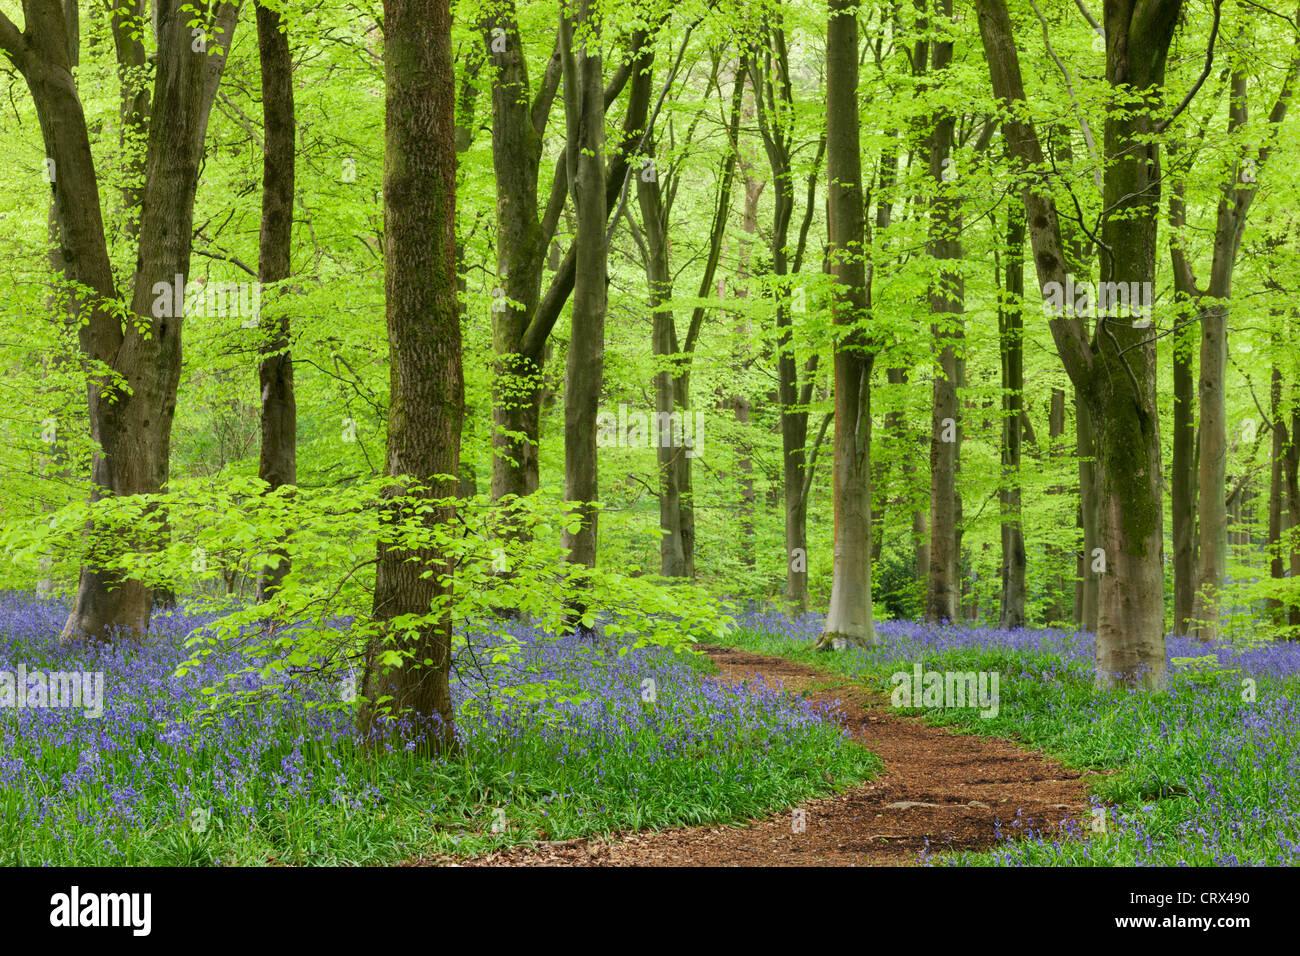 Bluebell Teppich in einem Buche Waldgebiet, West Woods, Wiltshire, England. Frühjahr 2012 (Mai). Stockbild